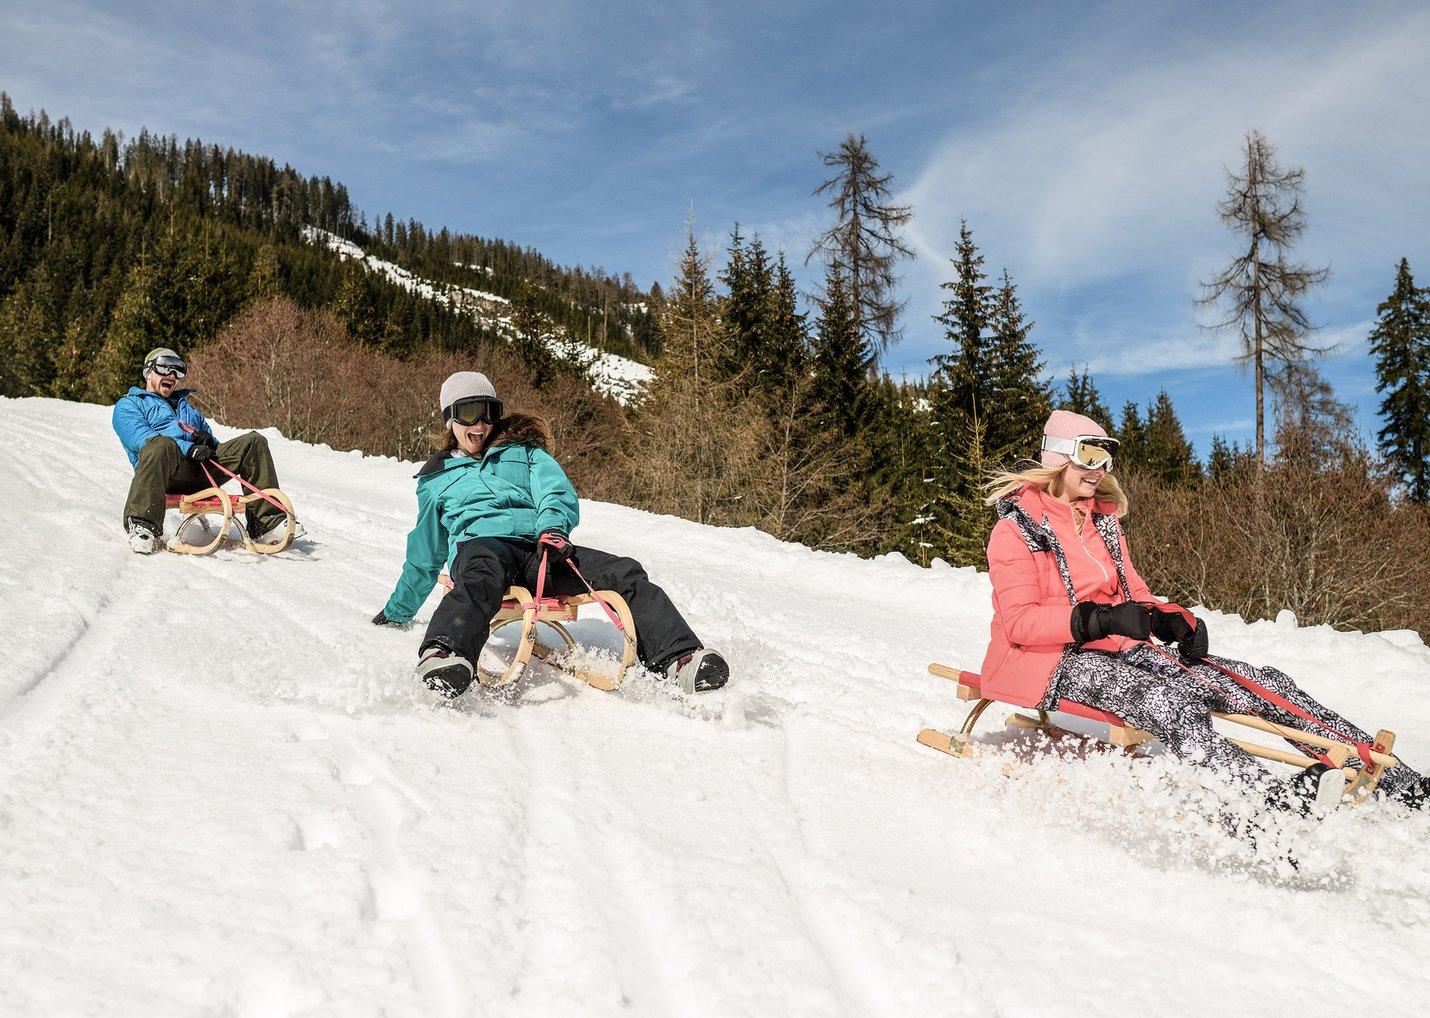 Hotel Tauernhof Wintersport abseits der Pisten_5990